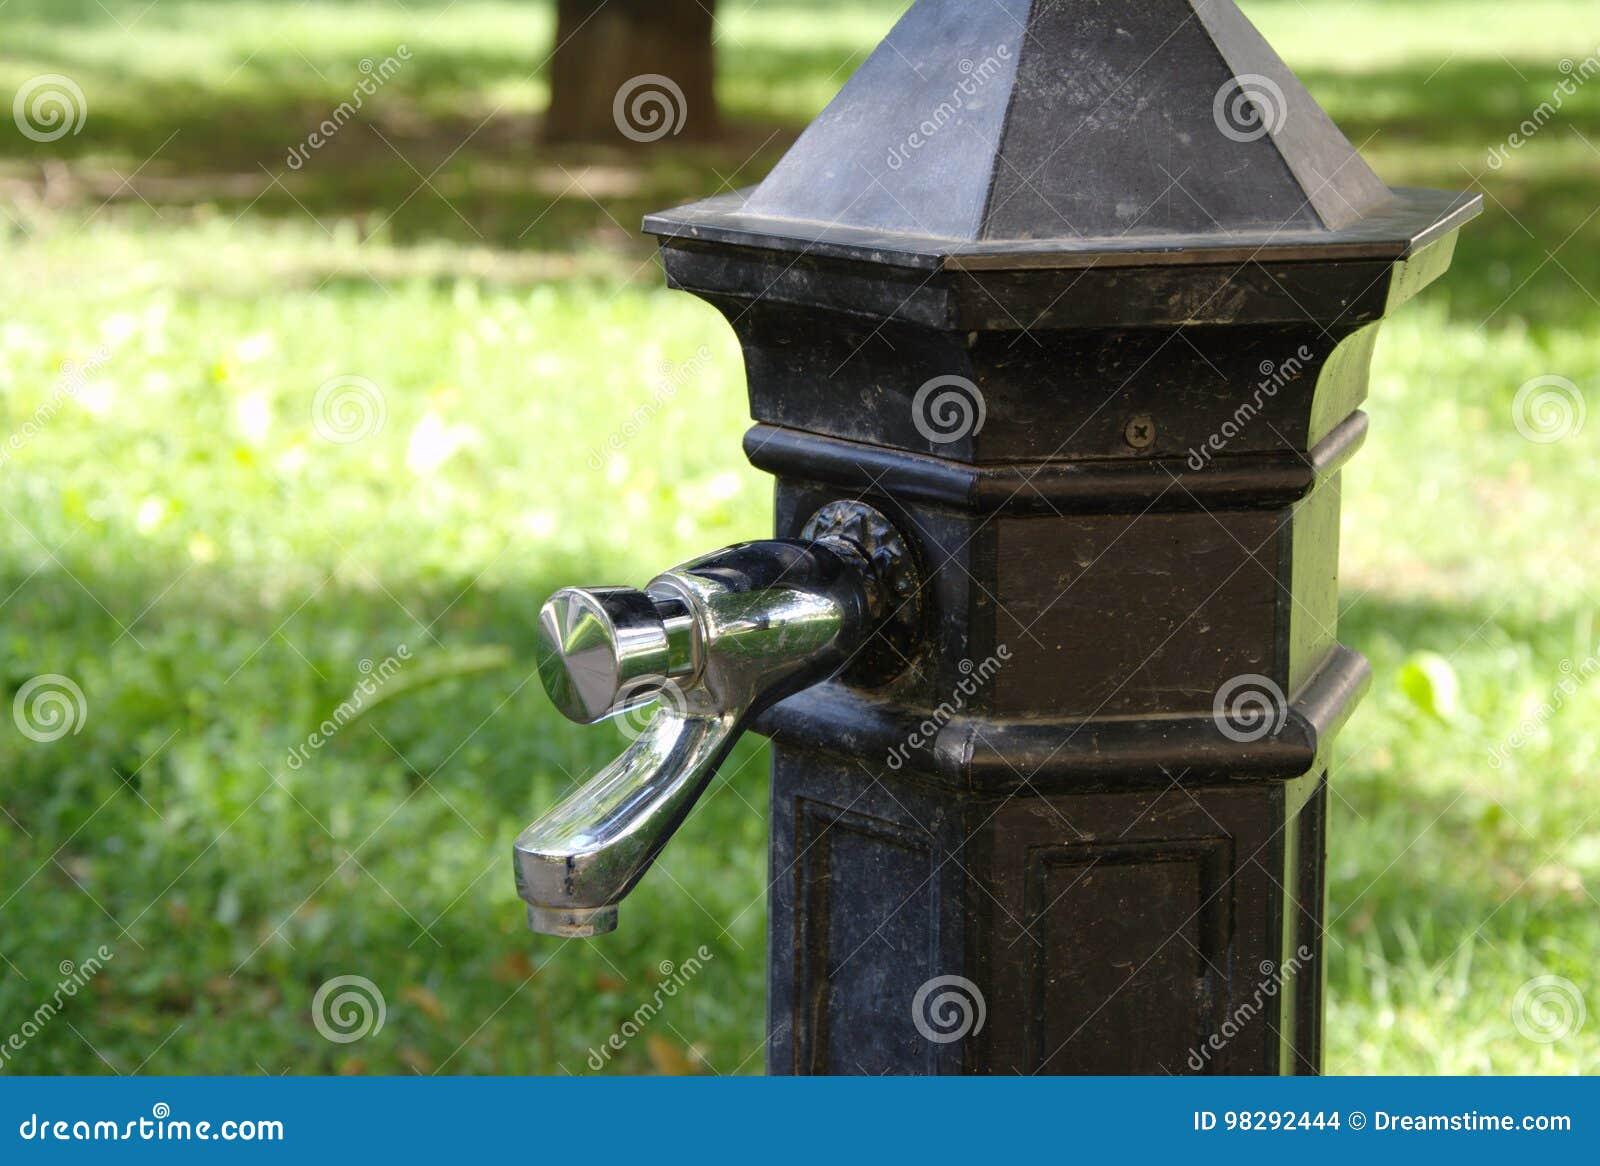 Традиционный кран воды из городского водопровода с питьевой водой в парке